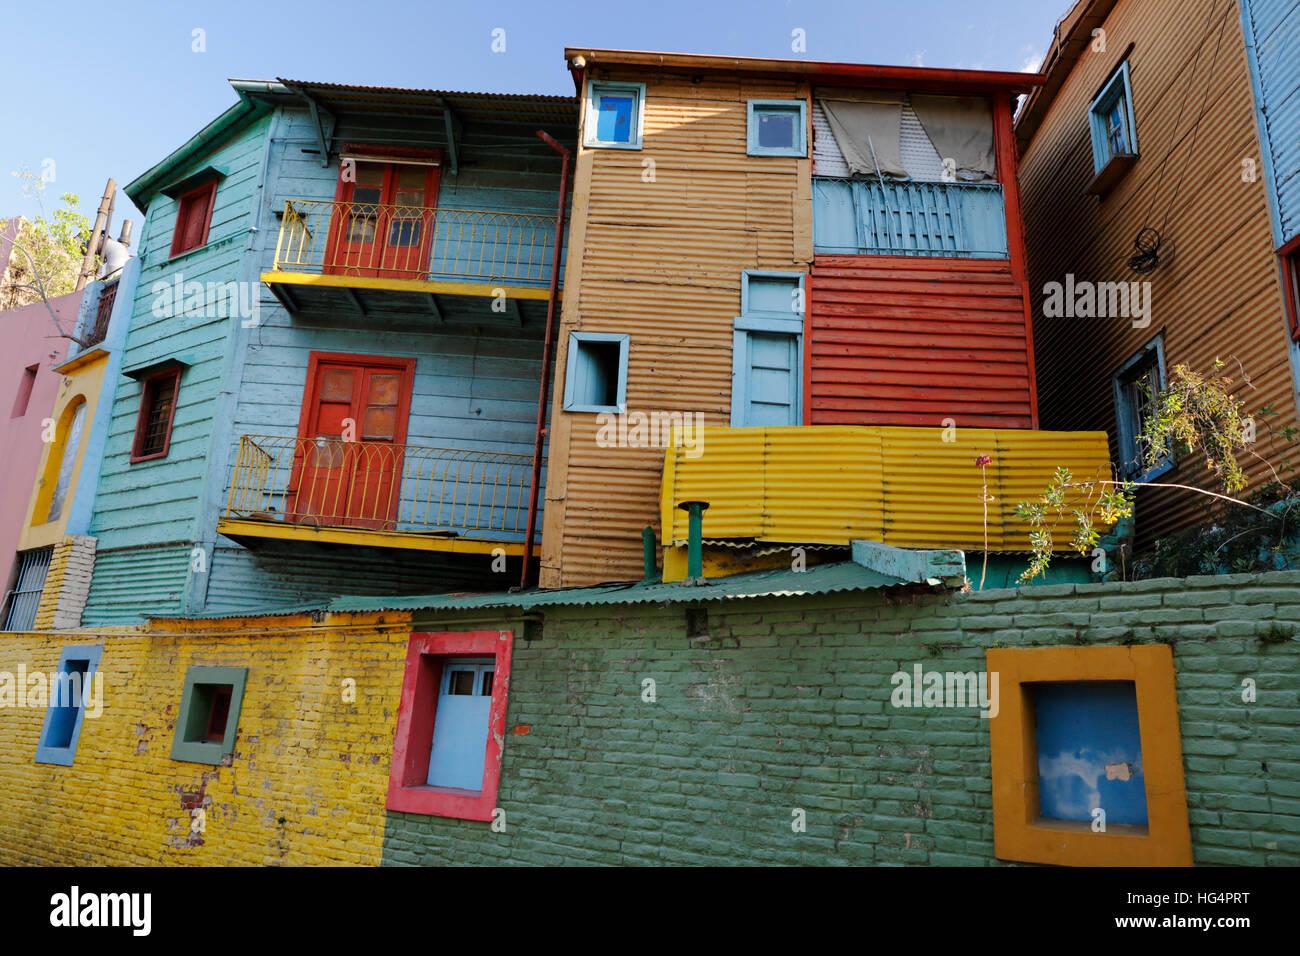 Maisons peintes de couleurs vives le long de El Caminito street dans le quartier de La Boca, Buenos Aires, Argentine, Photo Stock